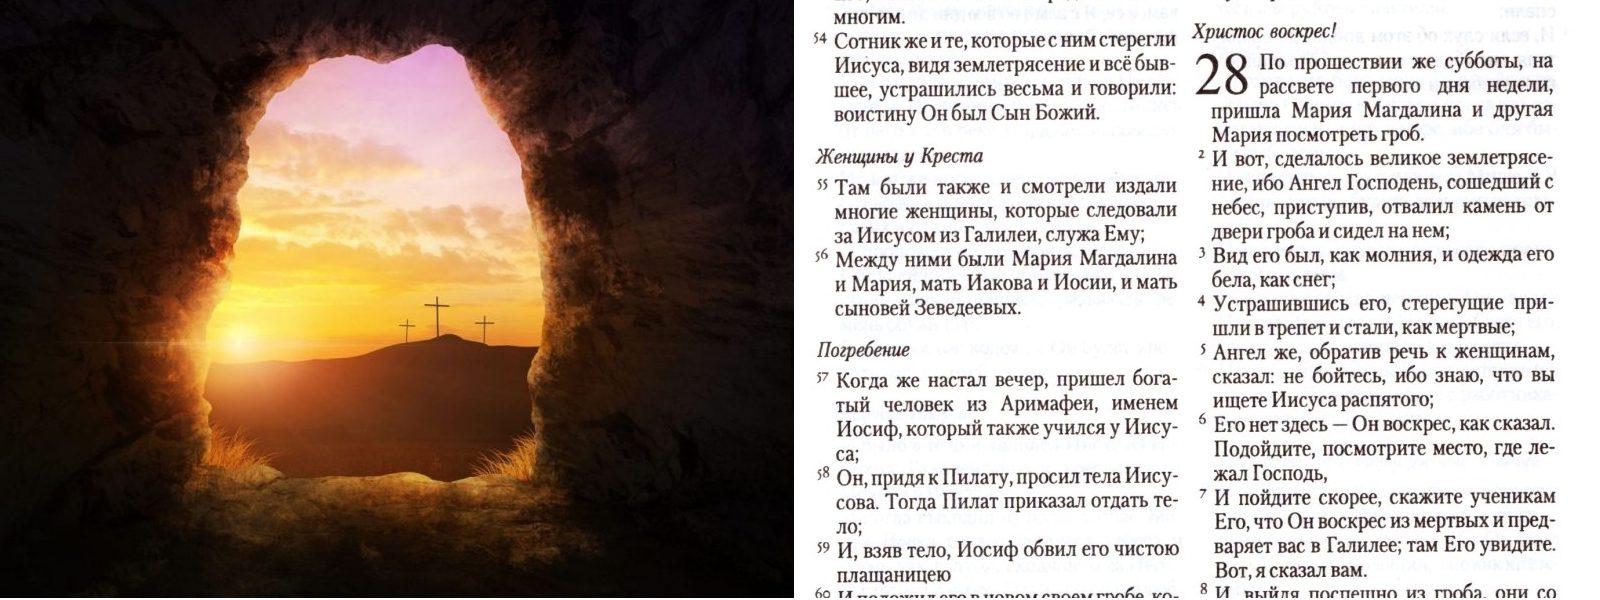 Пасхальное поздравление епископа Церкви Ингрии Ивана Лаптева